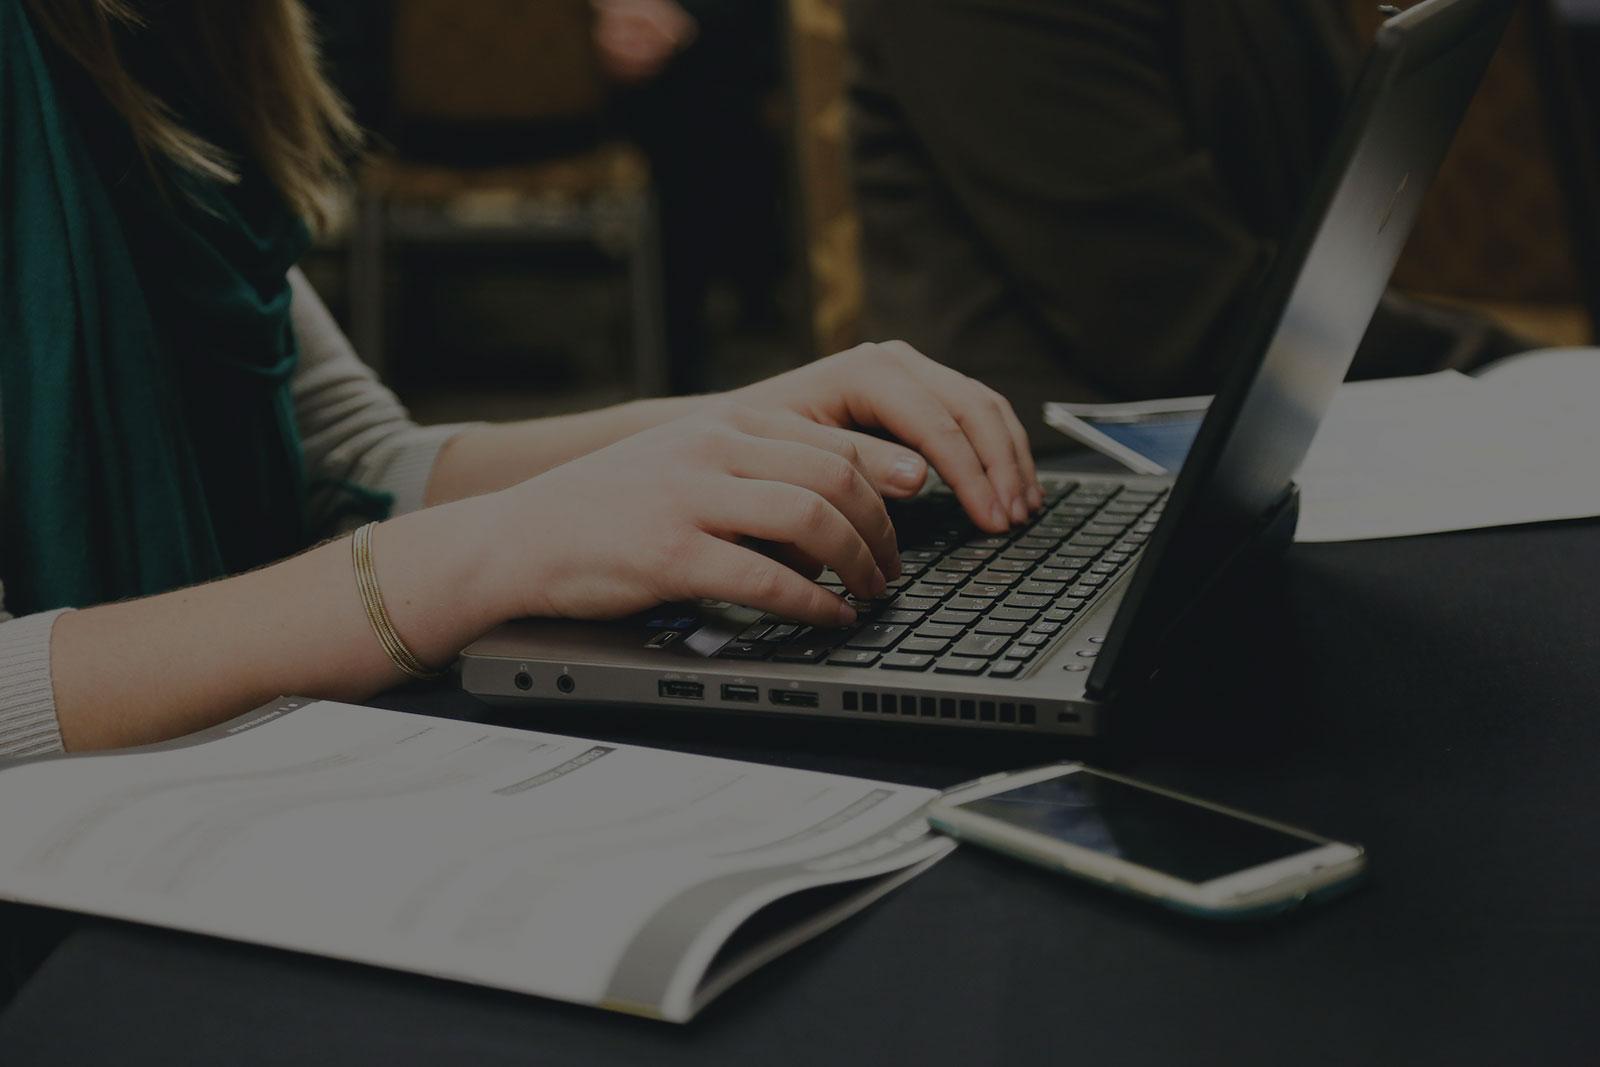 Webentwicklung mit Laptop